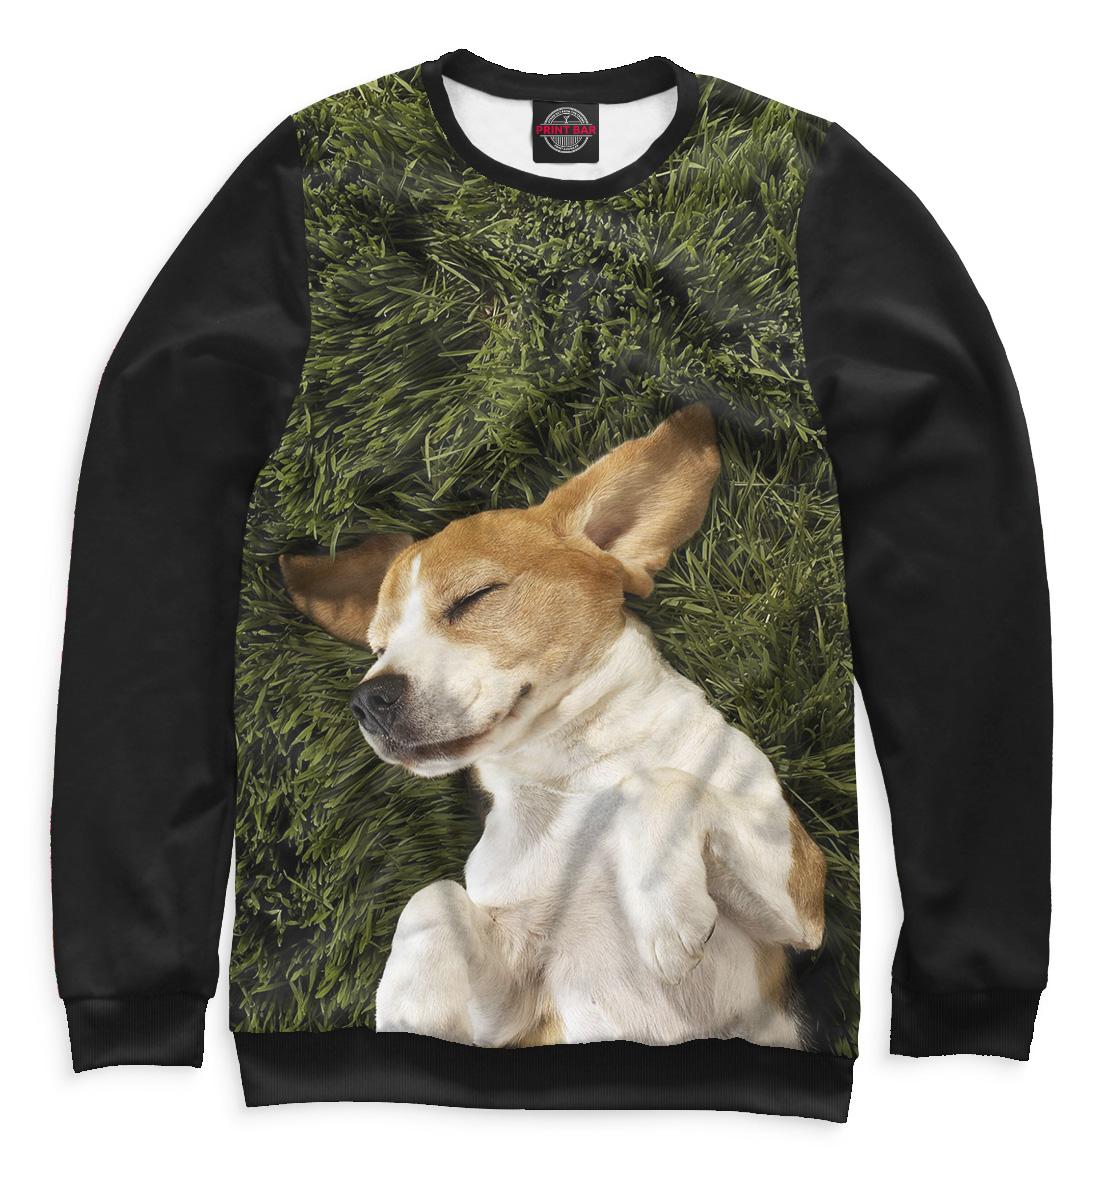 Купить Собаки, Printbar, Свитшоты, DOG-233278-swi-2